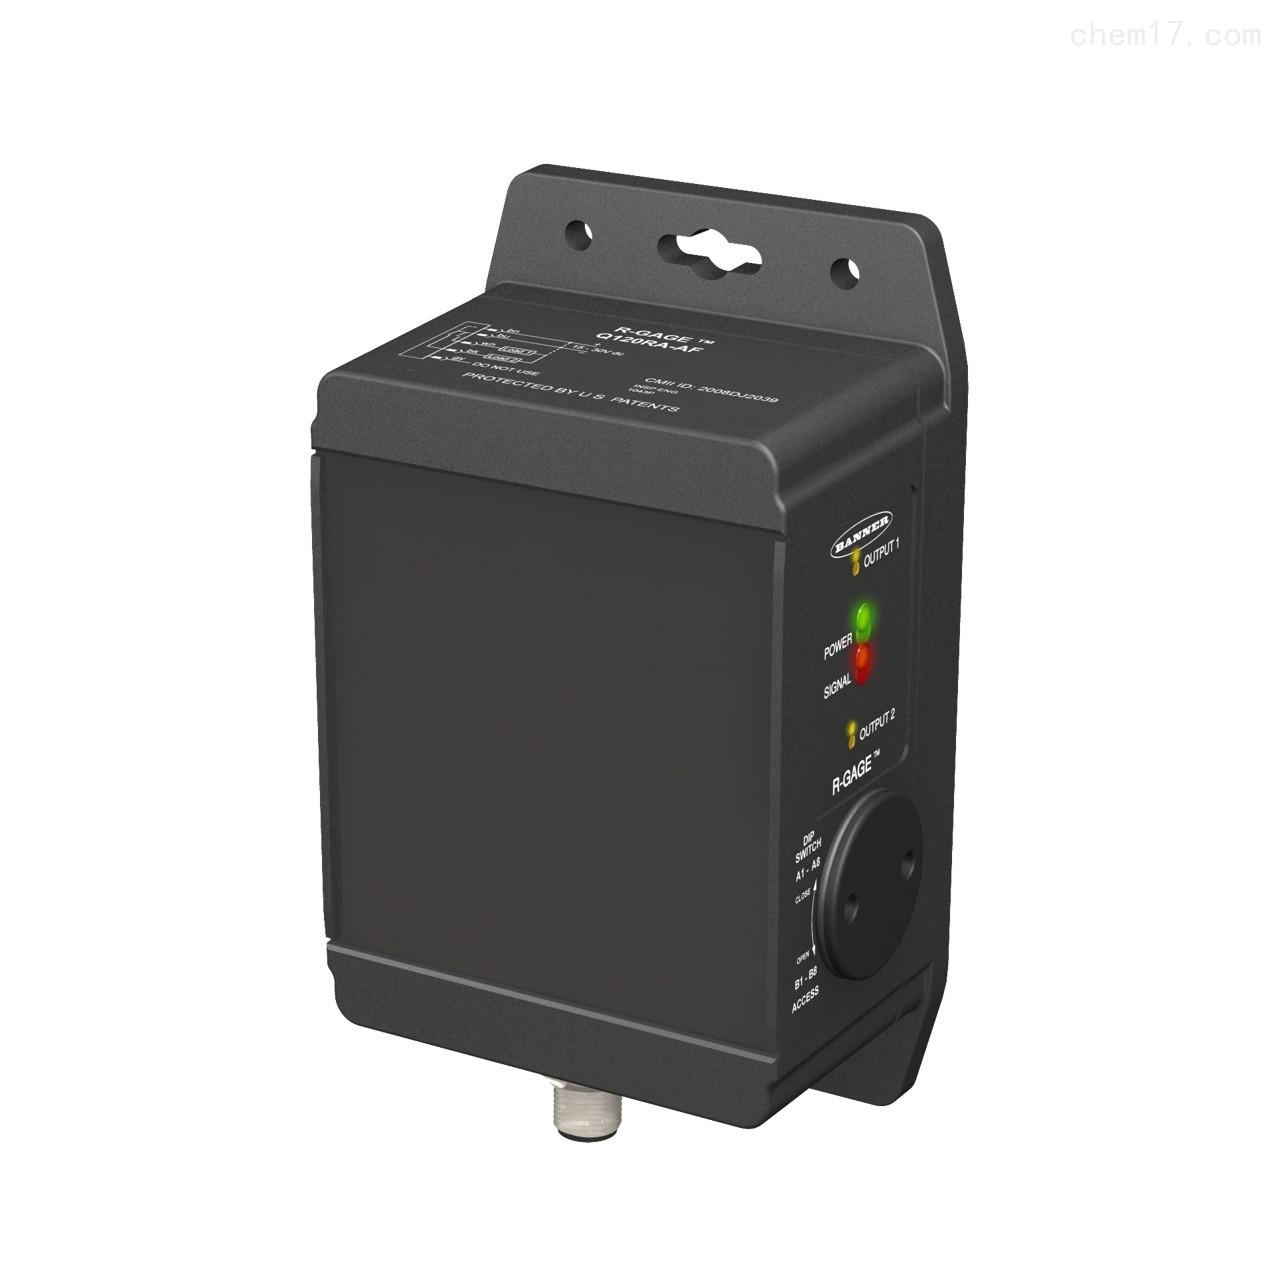 邦纳banner雷达传感器